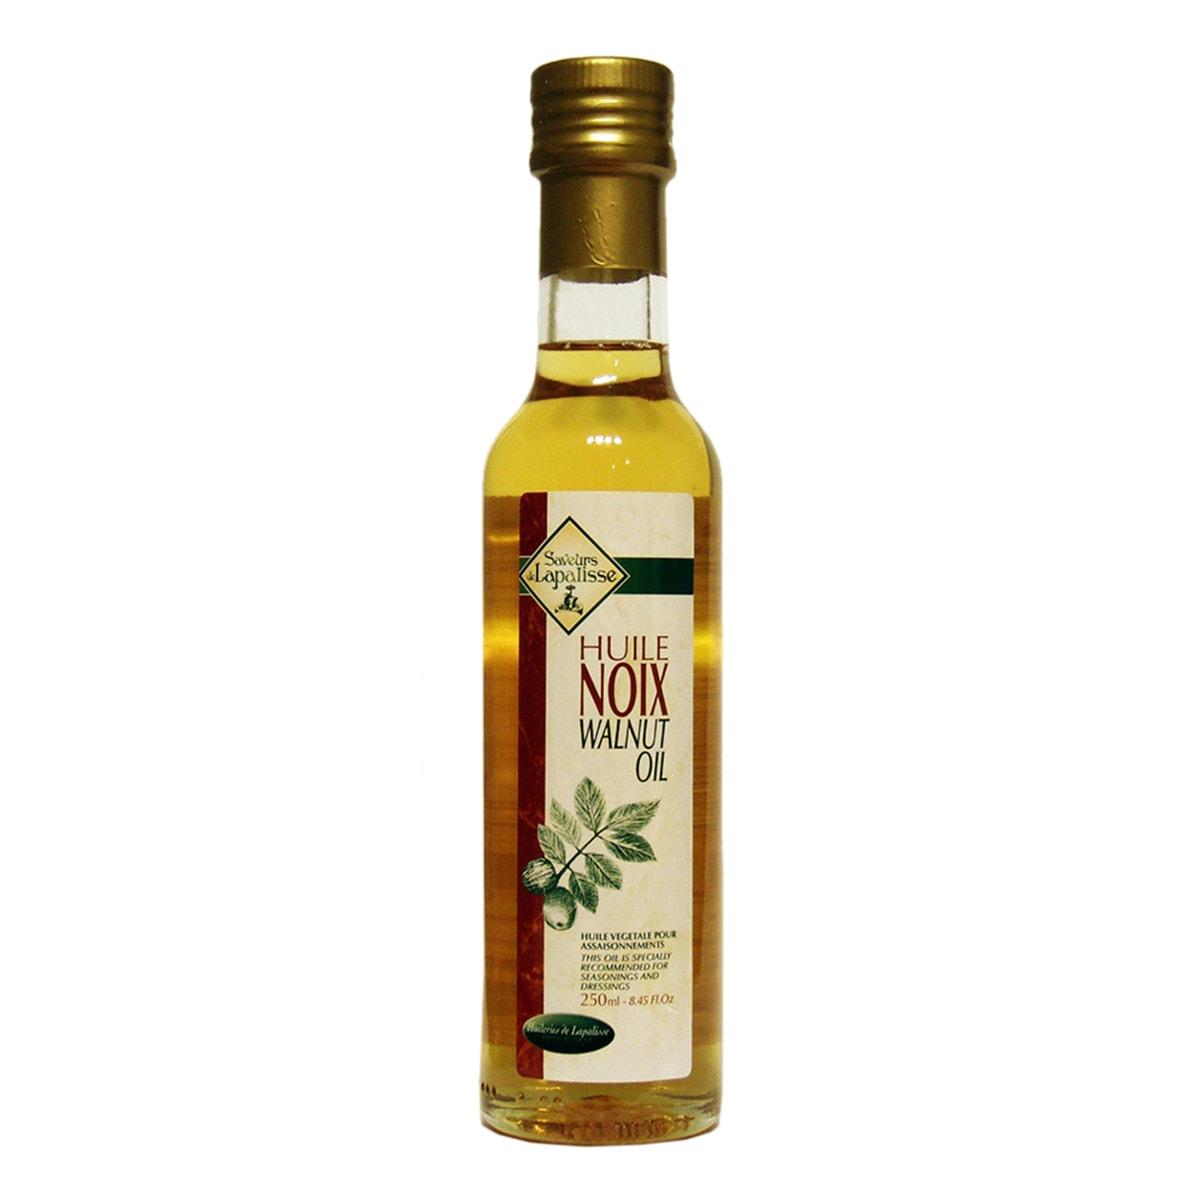 Buy Saveurs De Lapalisse Huile De Noix (100% Pure Walnut Oil) - 250 ml